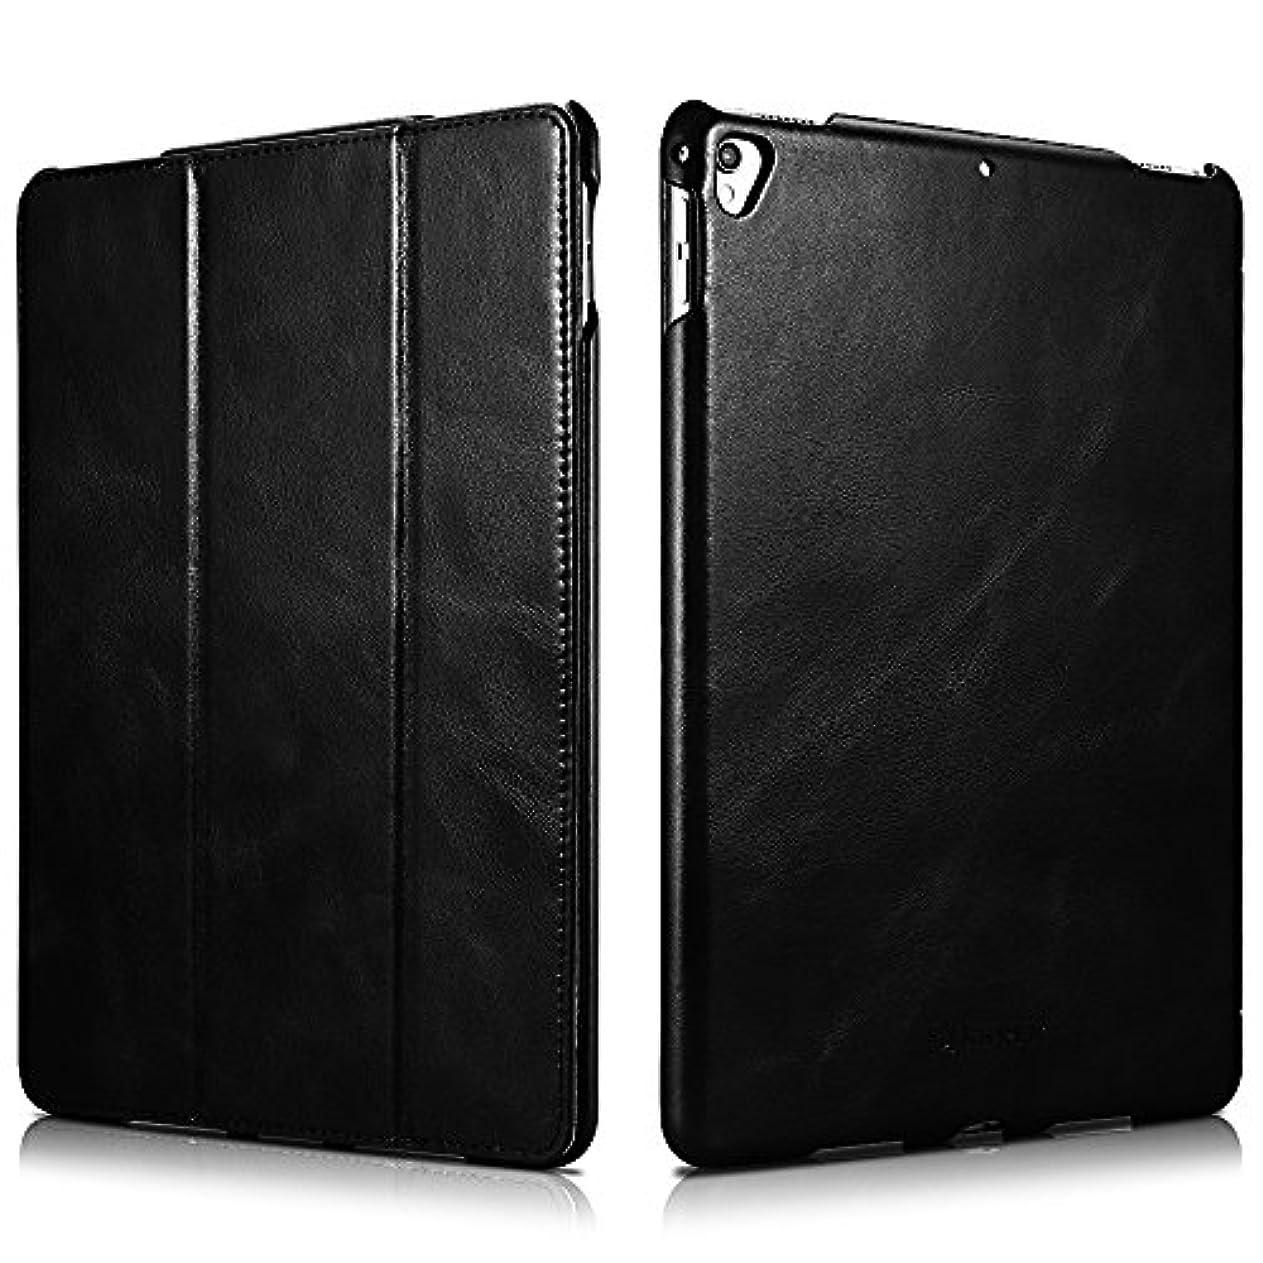 テロ道に迷いました経験iPad Pro 12.9 ケース 2017 本革レザー ICARER 三つ折スタンド マグネット機能付き オートスリープ 極薄 傷つけ防止 Genuine Lether Apple iPad Pro 12.9 2017最新版専用 スマートカバー ブラック